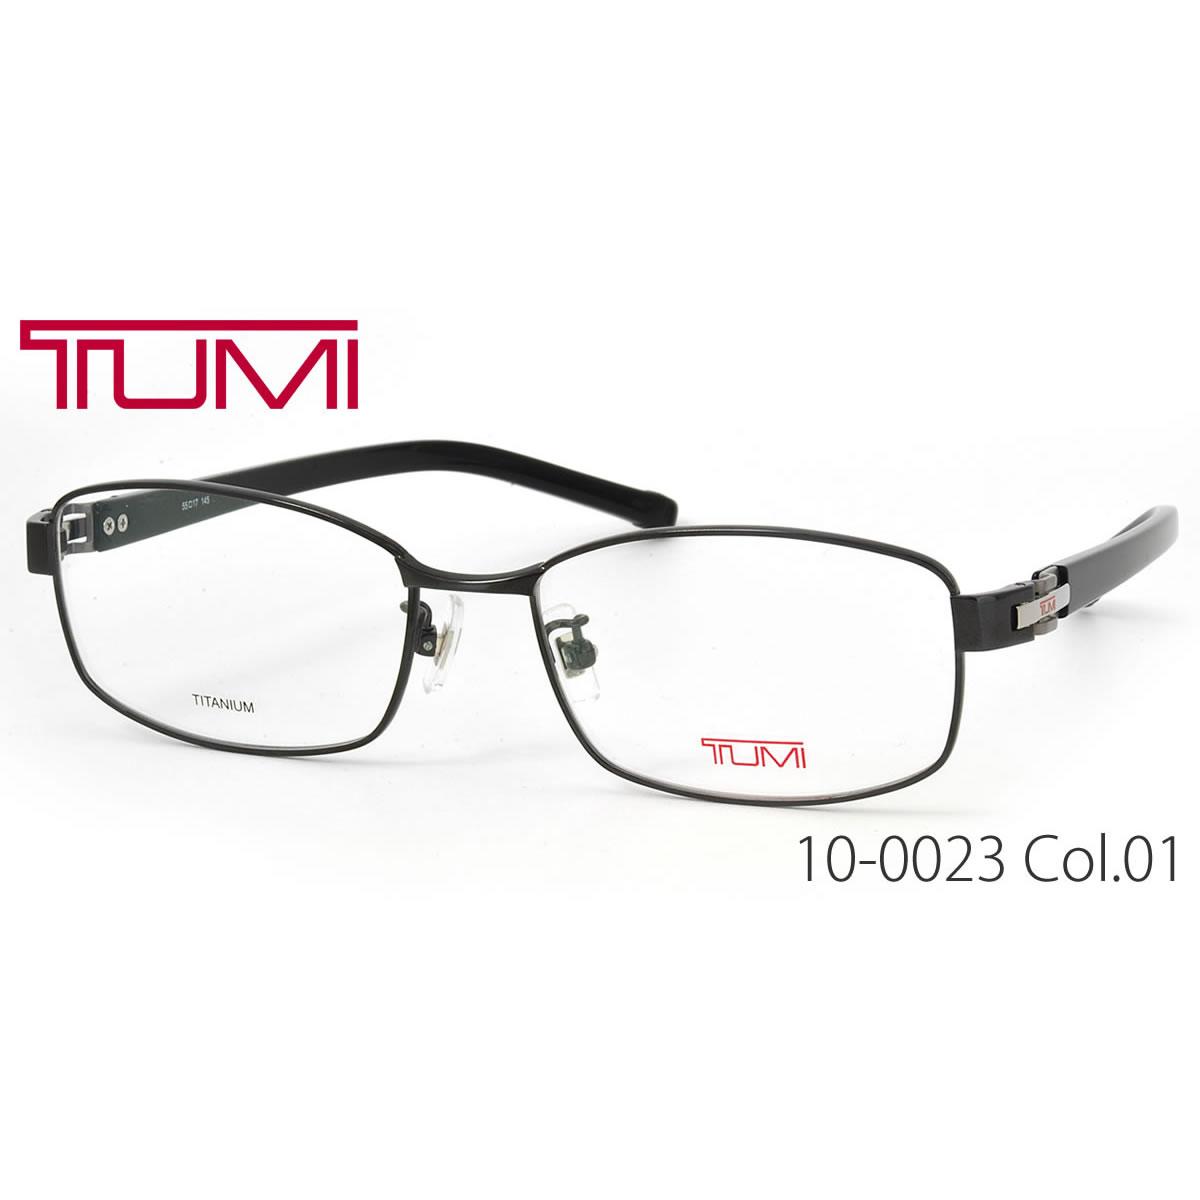 トゥミ メガネ 10-0023 01 55サイズ TUMI ビジネスバッグで人気のブランド メンズ